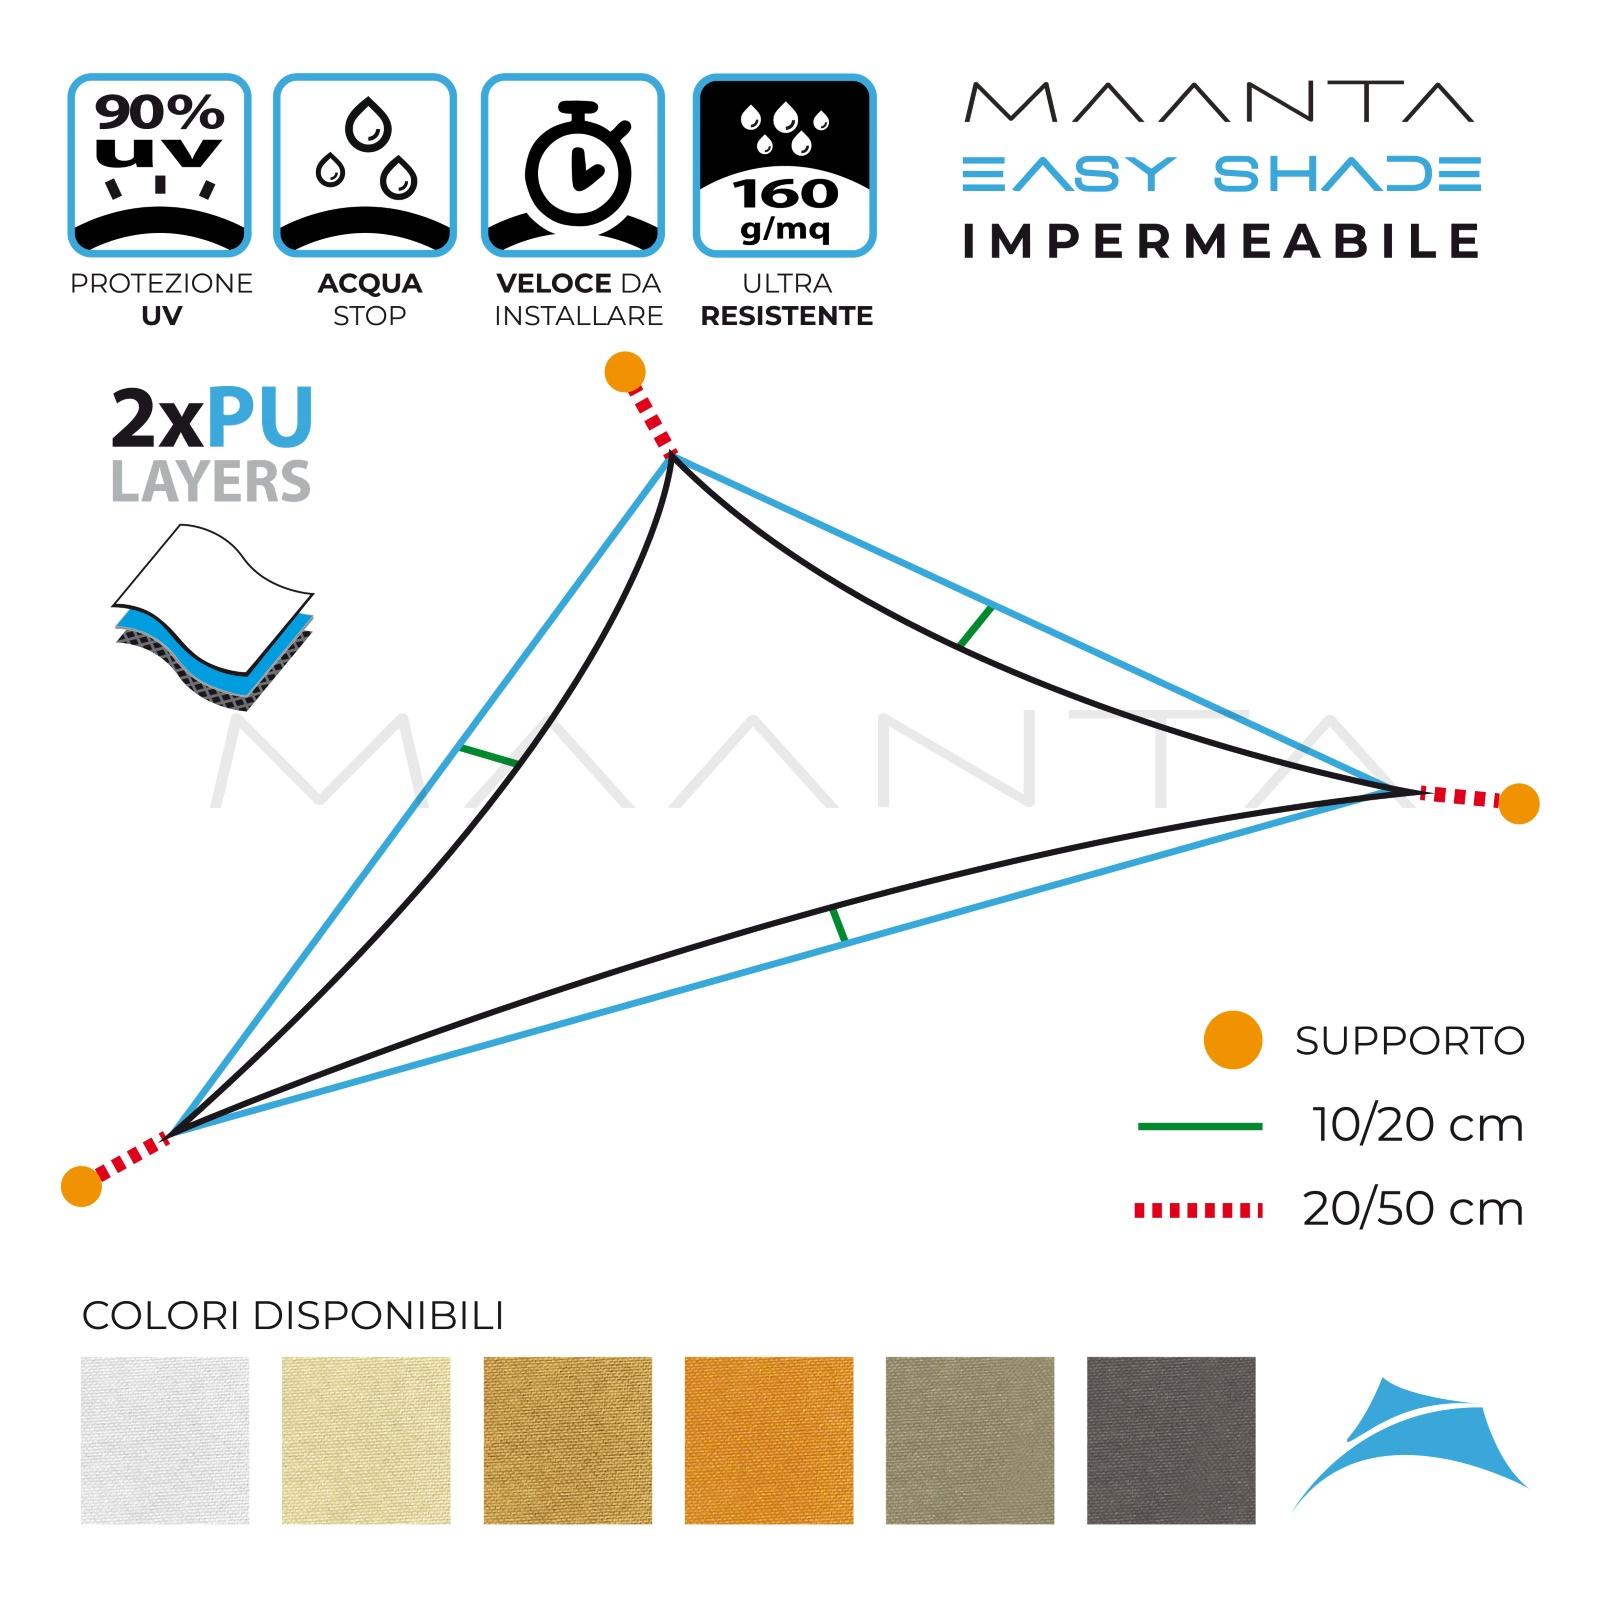 Vela Triangolare Da Giardino easyshade impermeabile triangolare (3 lembi)